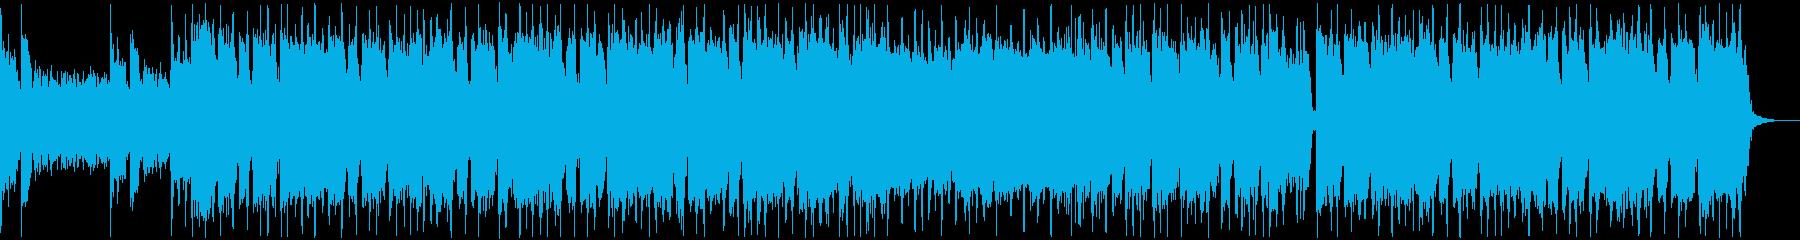 バトルシーン向きのグルーブメタルの再生済みの波形